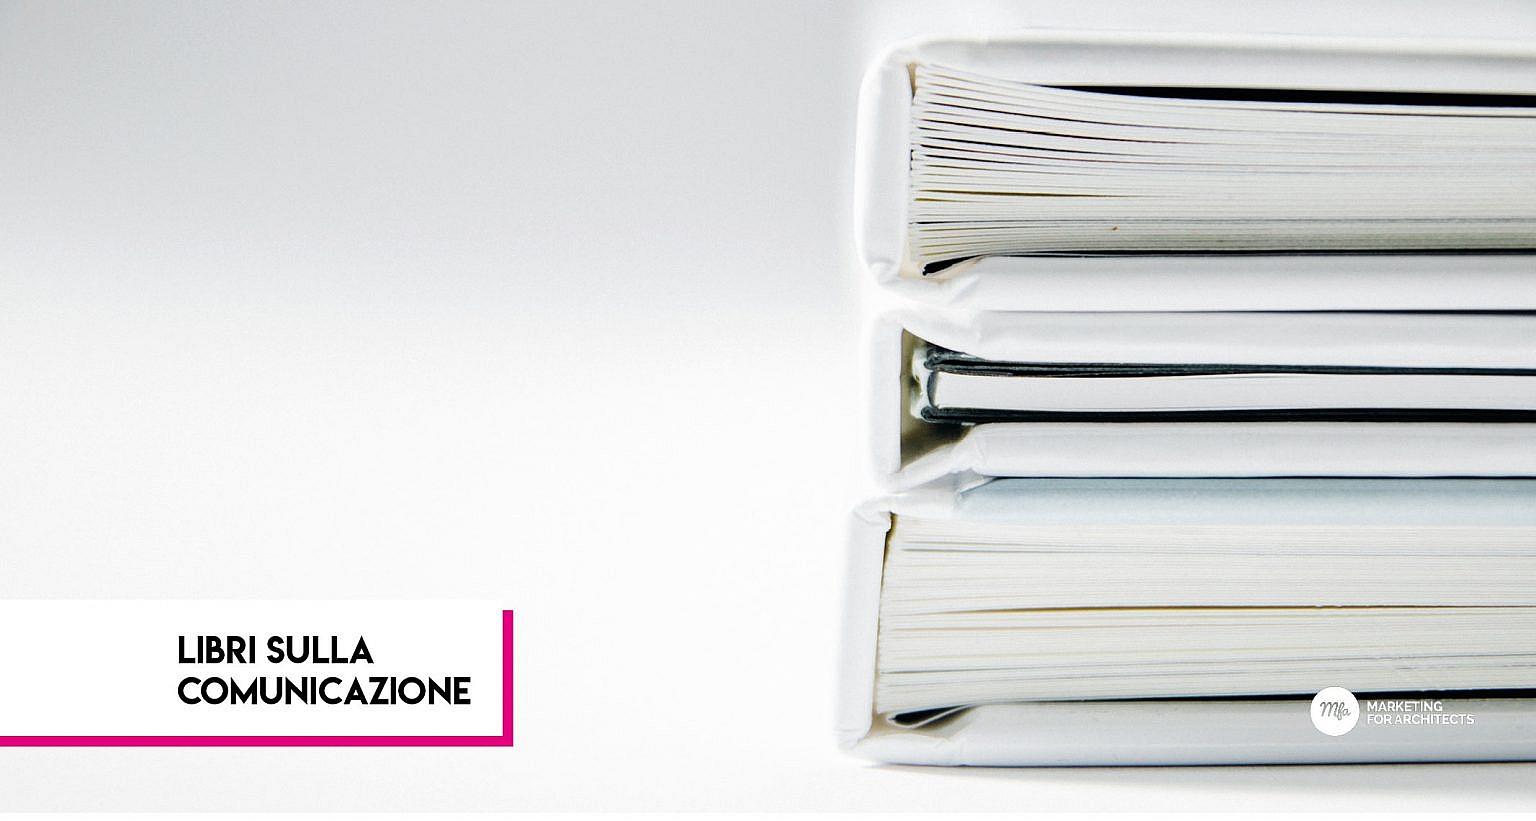 libri sulla comunicazione